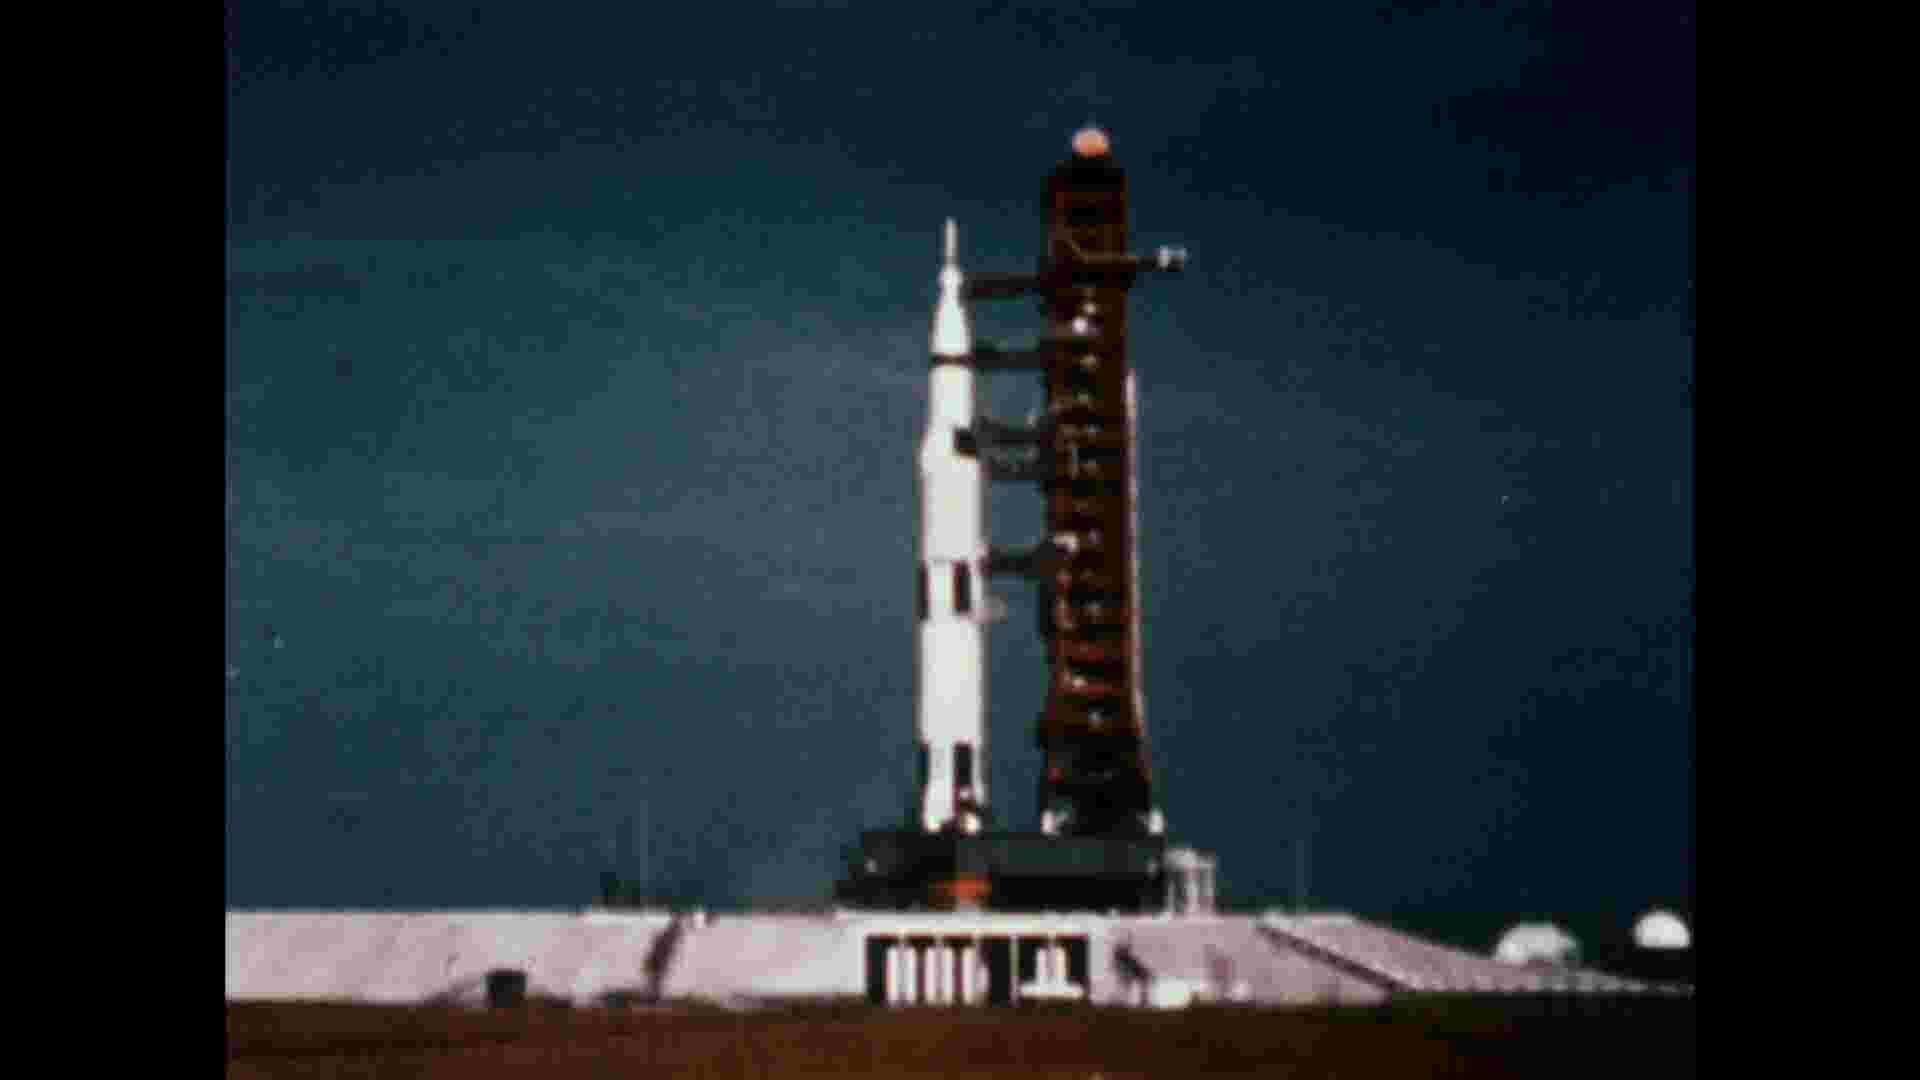 Apollo 11 controller was lone woman in sea of men